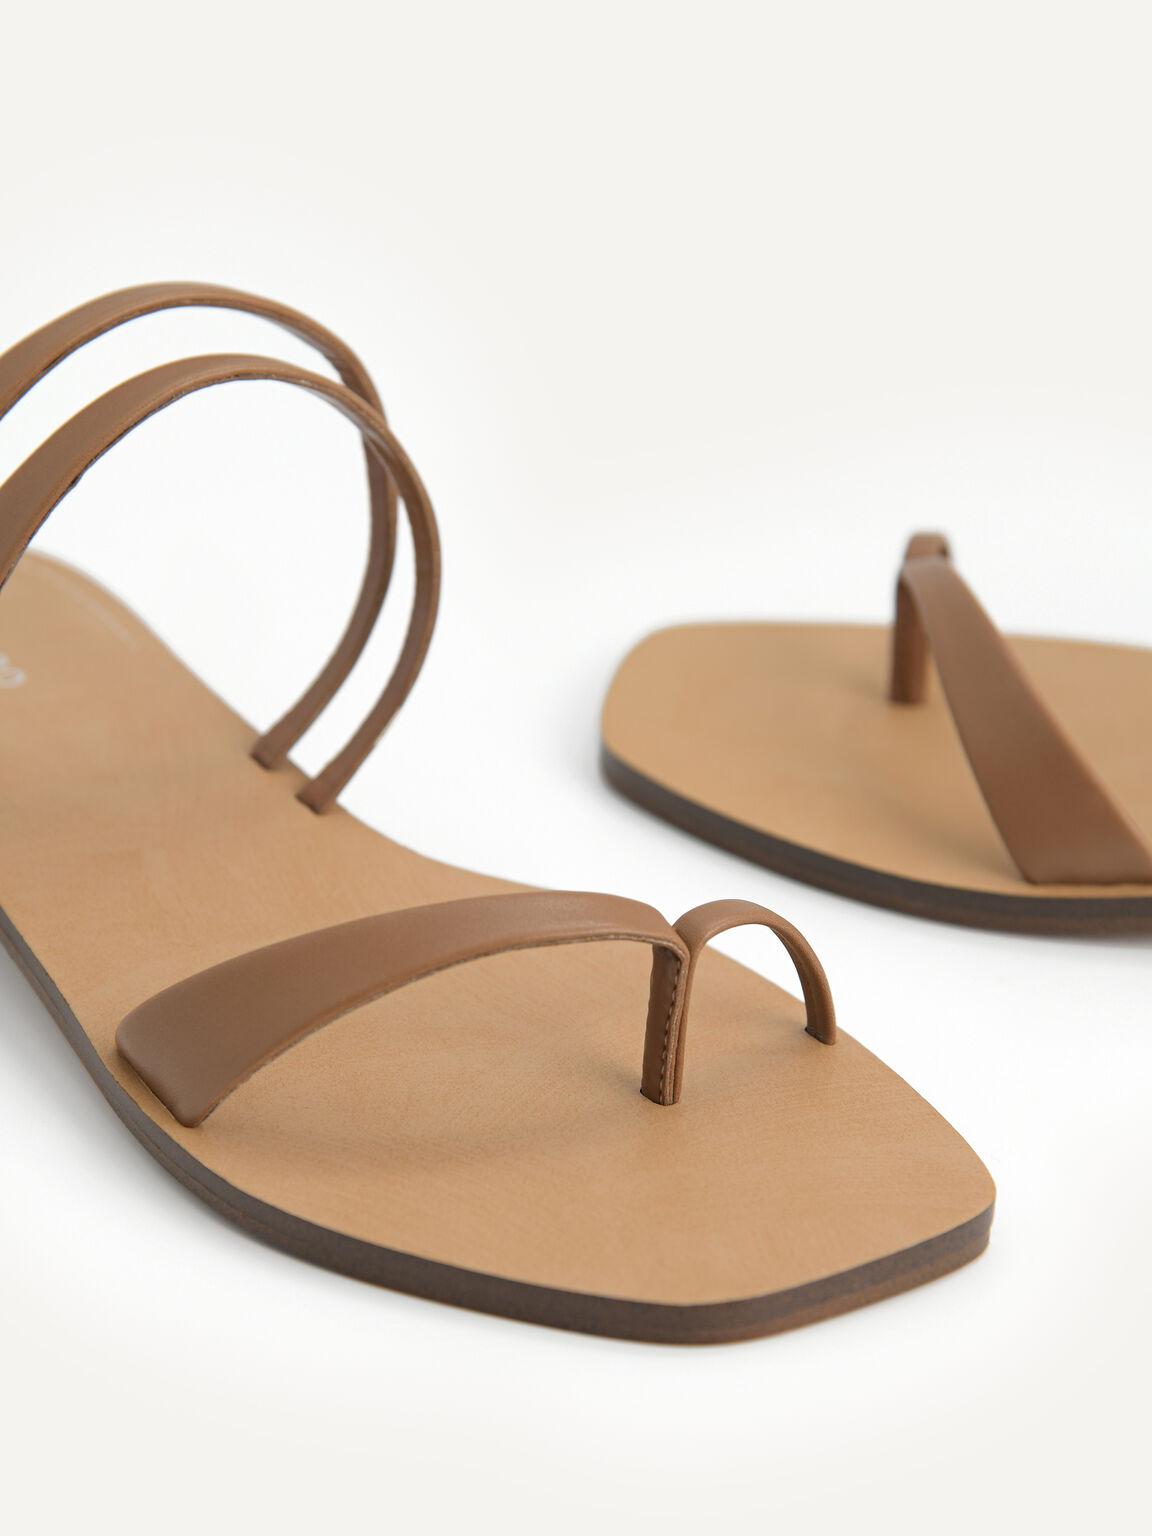 Strappy Toe Loop Sandals, Brown, hi-res